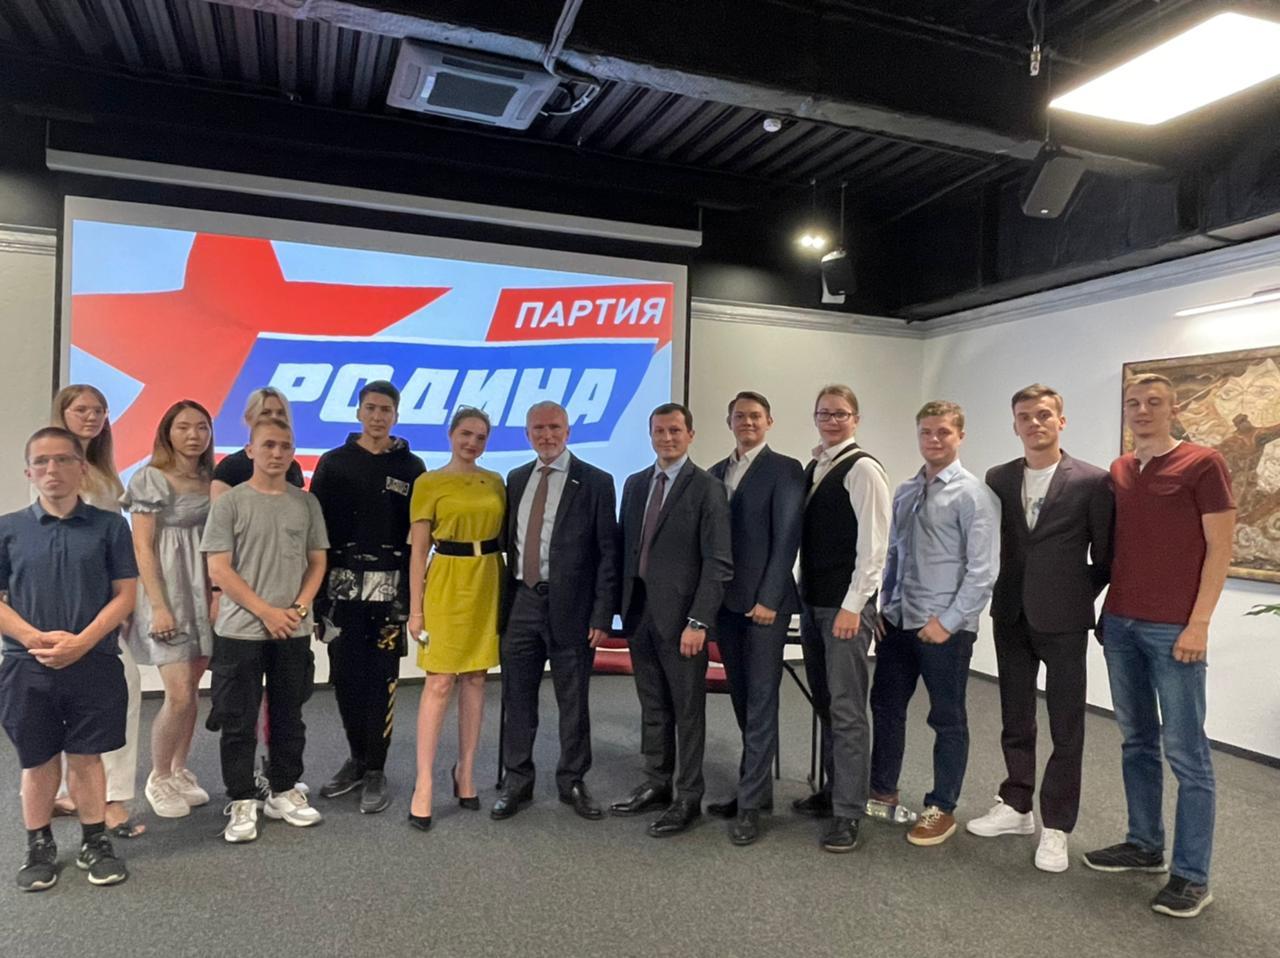 Председатель «Родины» Журавлев посетил Иркутск и жестко высказался о местных властях